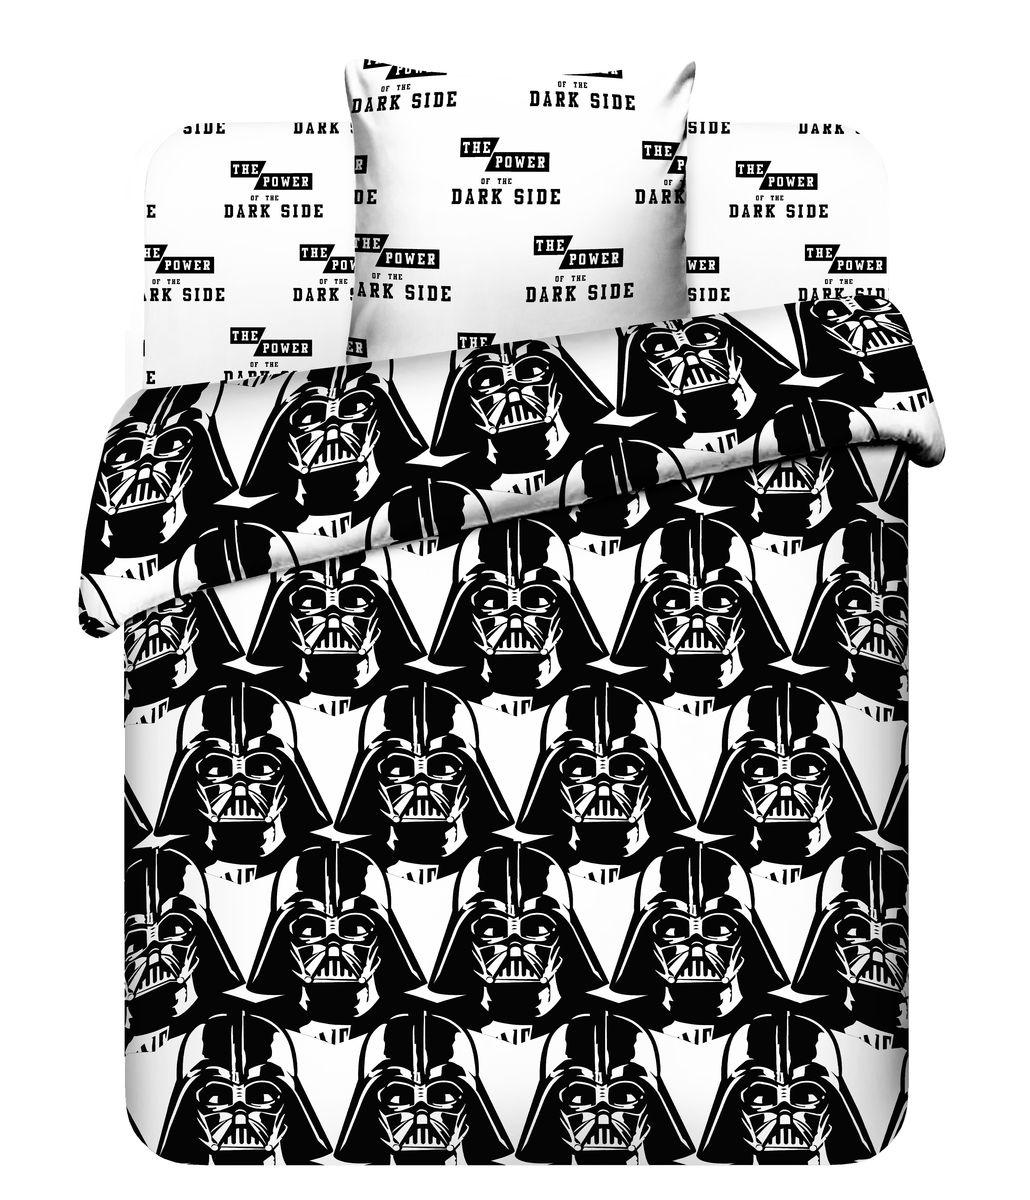 Василек Комплект постельного белья детский Тинейджер Дисней 52395239Постельное белье для детей и тинэйджеров из высококачественной бязи, тонких плотно переплетенных нитей, с применением стойкихбезопасных красителей.Теперь малыши, укладываясь в постель, легко смогут попасть в сказочный мир своих любимых героев.